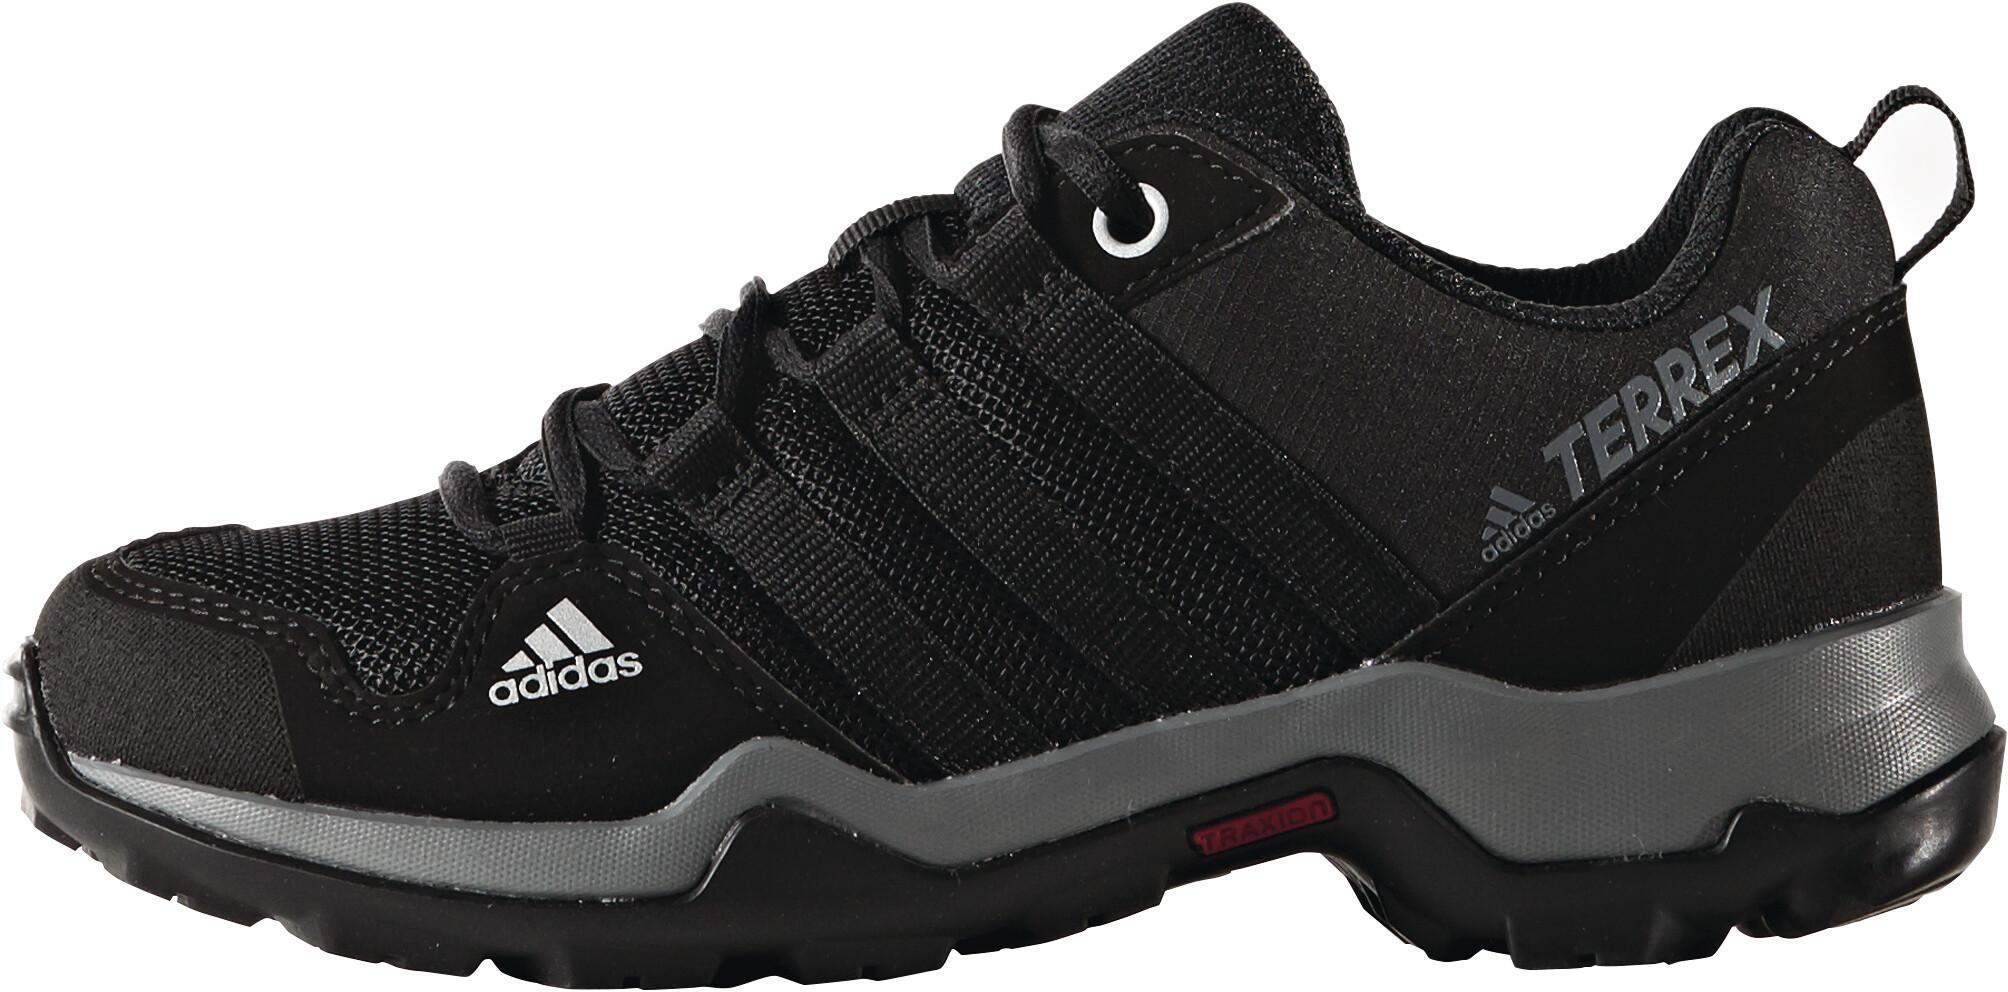 f46df6d1 adidas TERREX AX2R Calzado Niños, core black/core black/vista grey ...